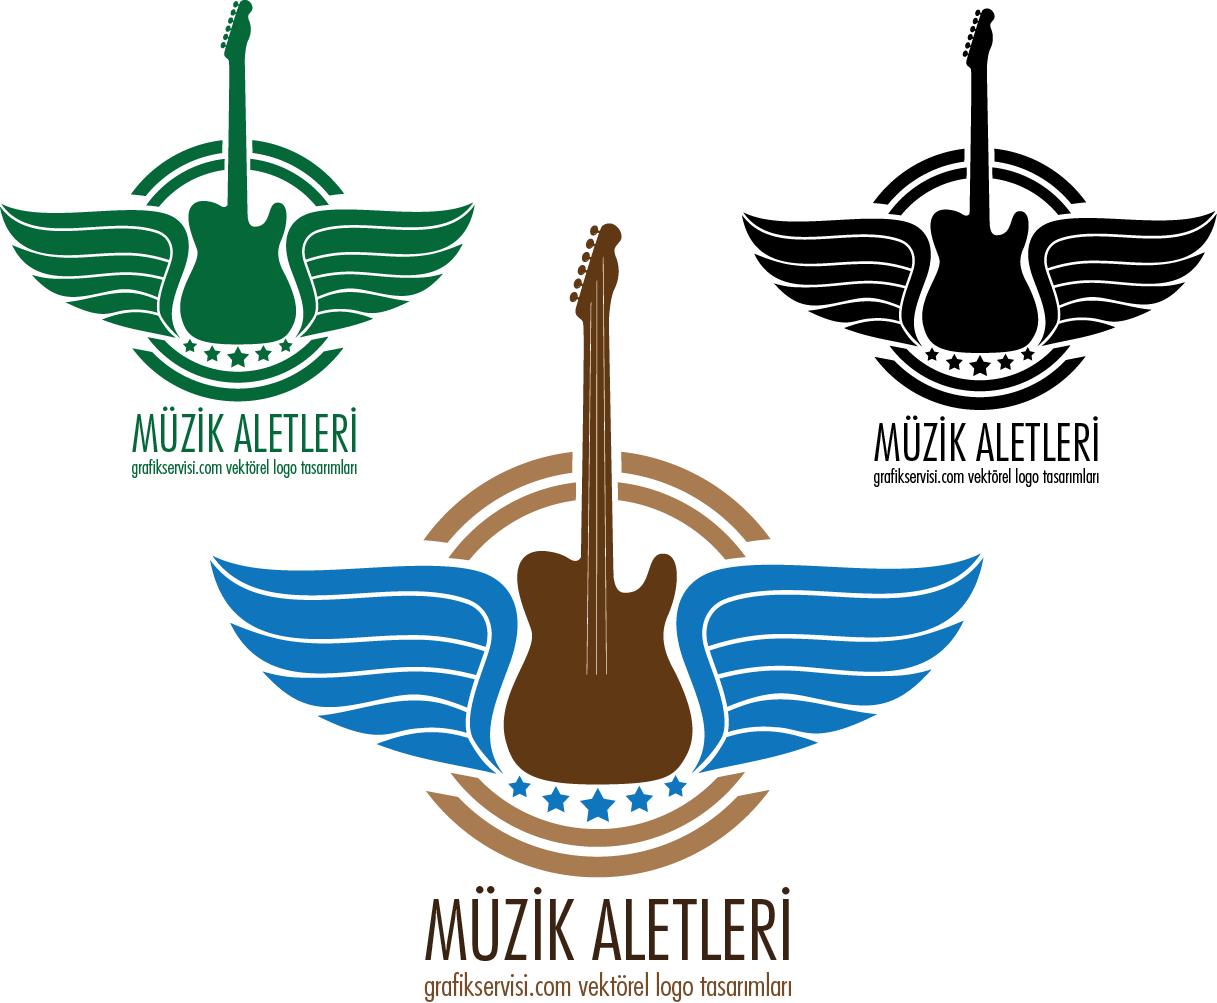 muzikaletleri-grafikservisi.png